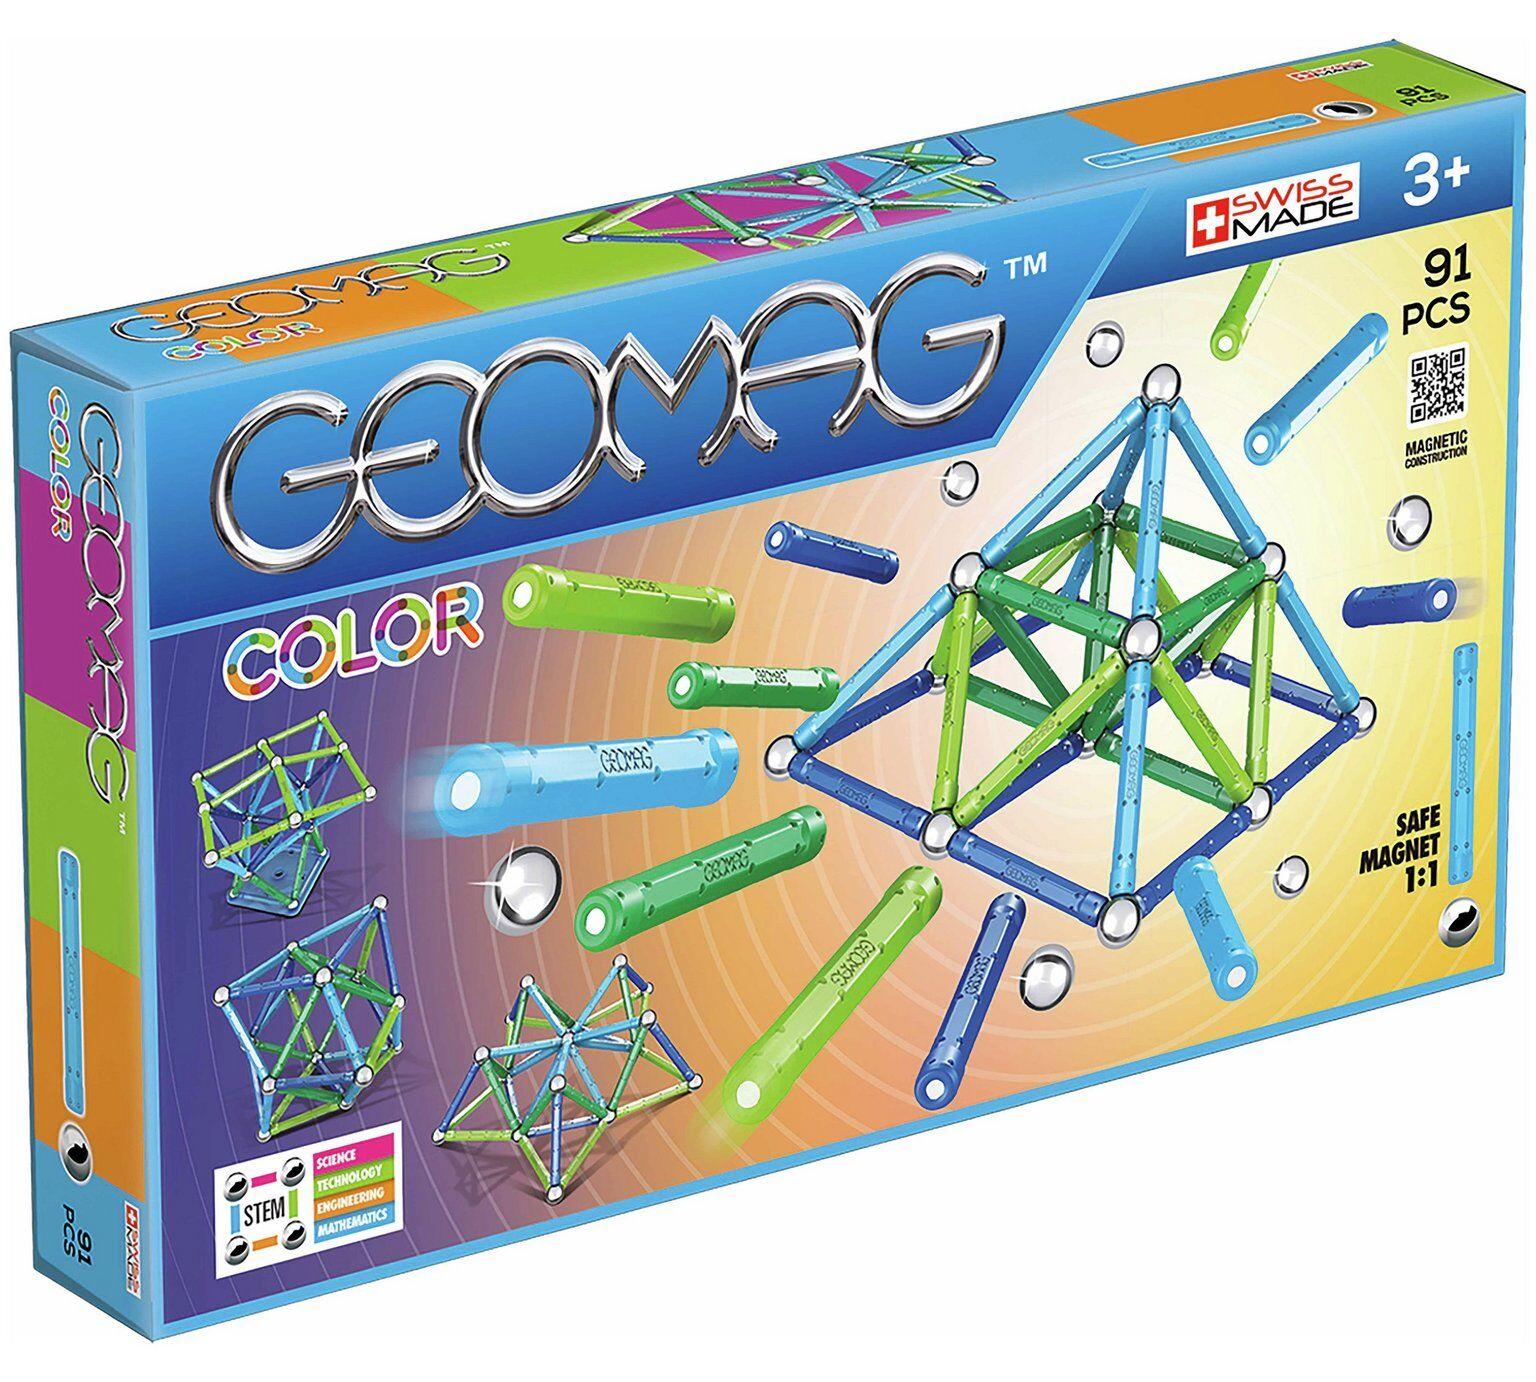 Geomag Color 91 pcs (263)